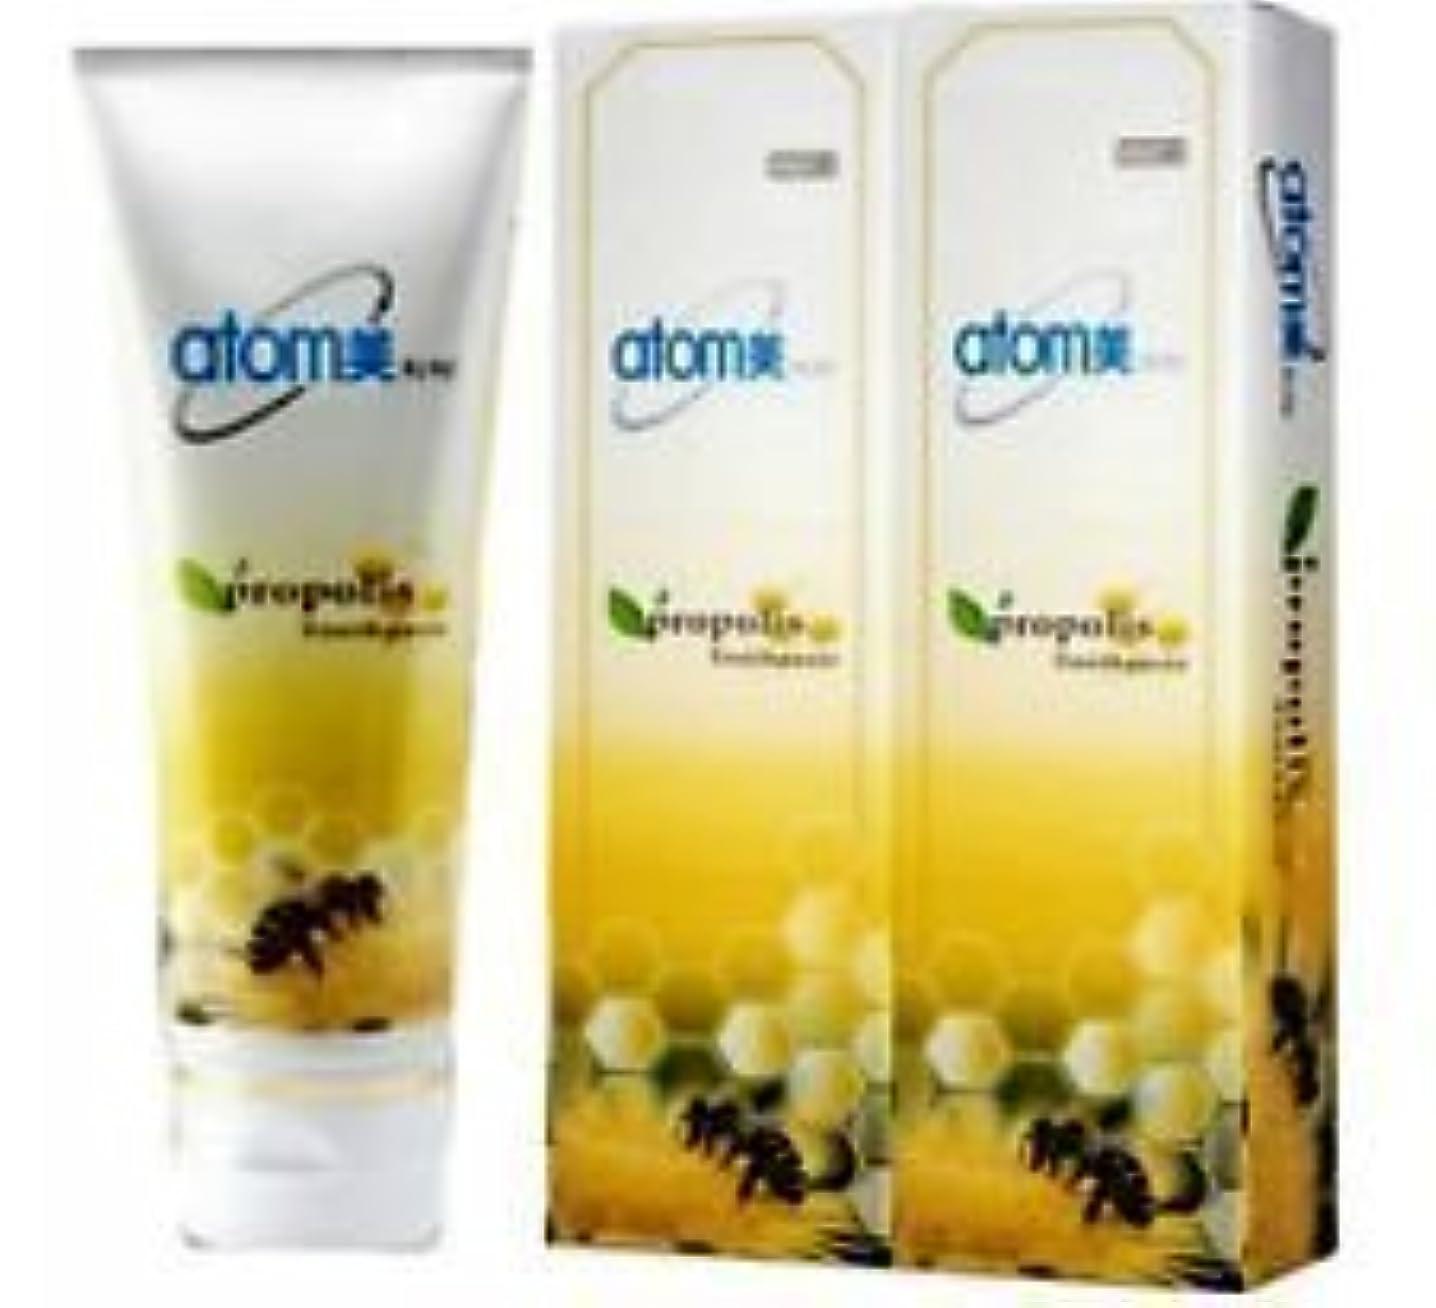 憂鬱寓話間違っているKorea Atomy Atomy Propolis Toothpaste Oral Care System 2EA* 200g [並行輸入品]